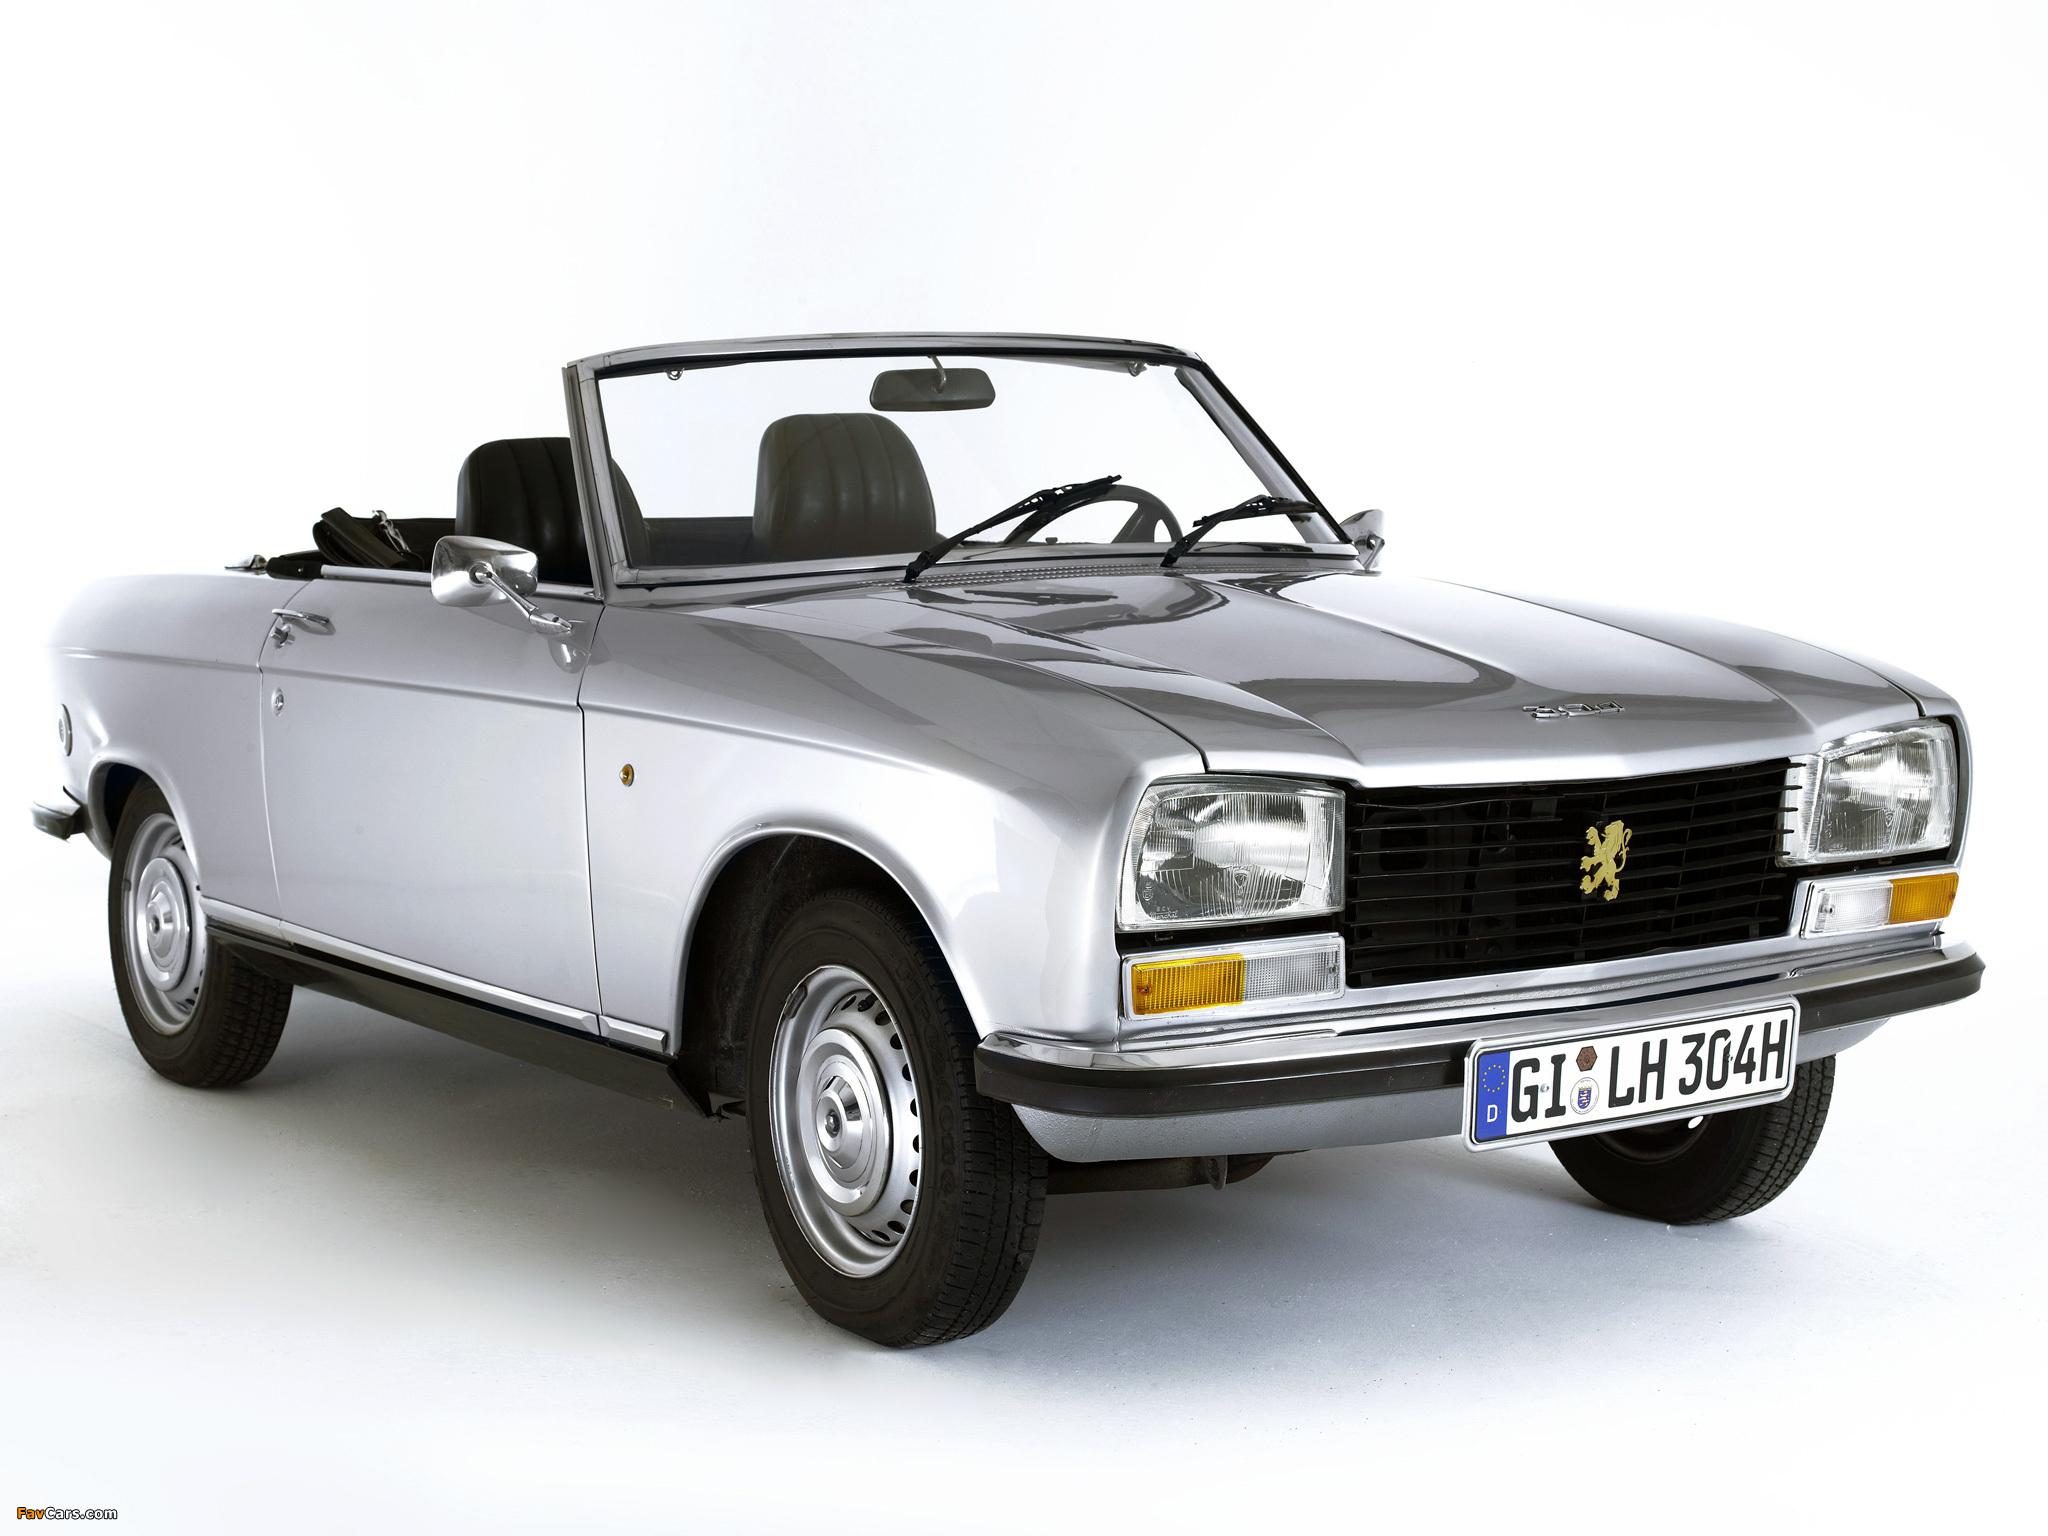 peugeot 304 cabriolet 1970 76 pictures 2048x1536. Black Bedroom Furniture Sets. Home Design Ideas